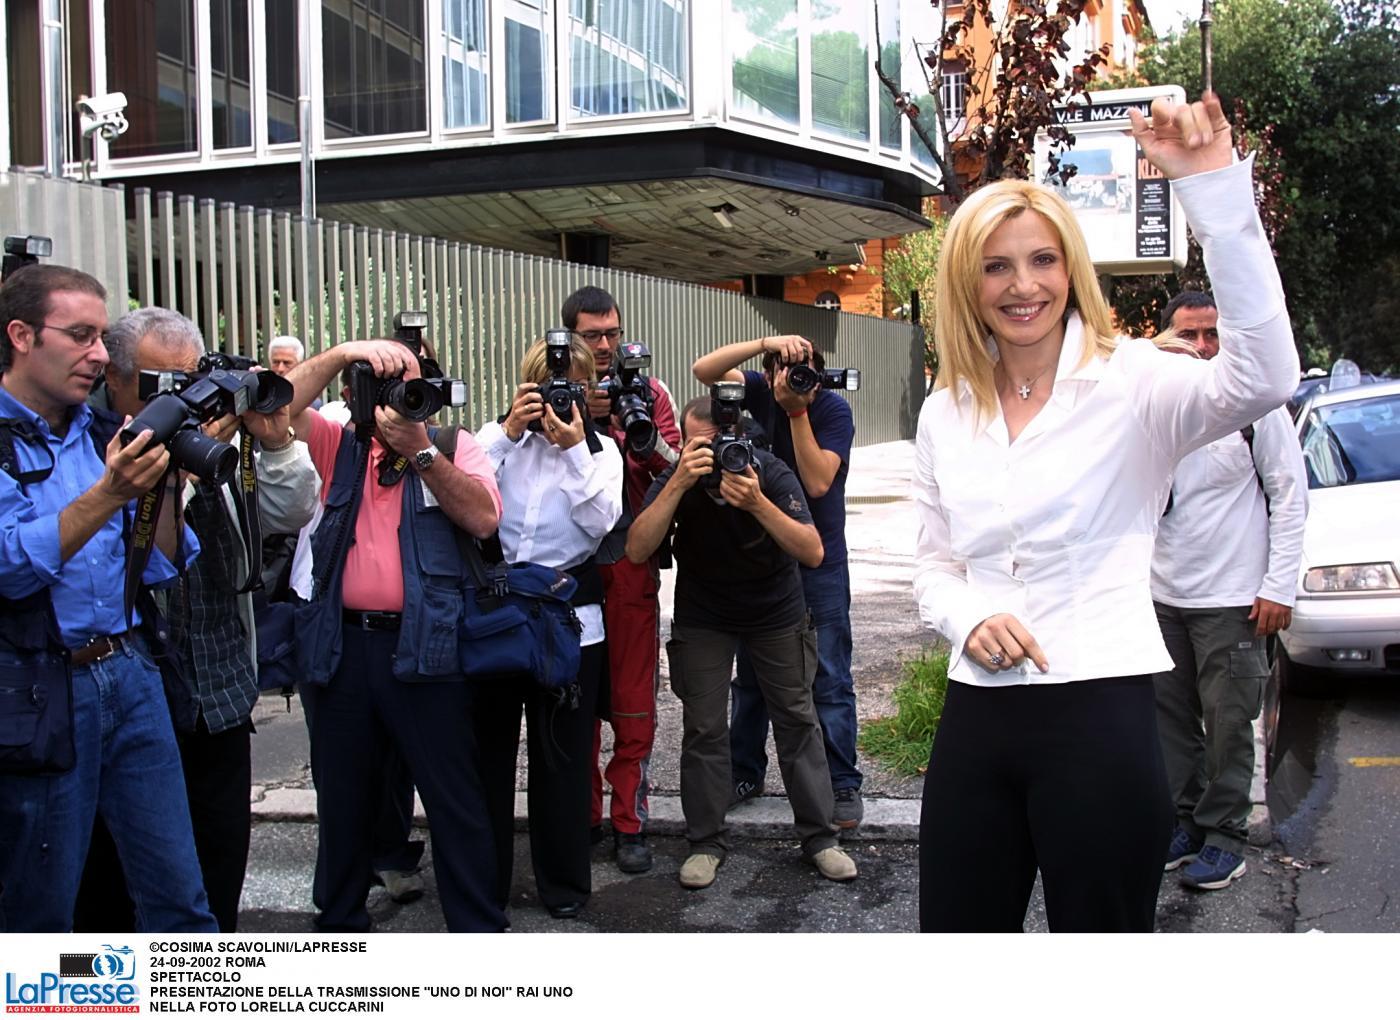 Lorella Cuccarini compie 50 anni: Pippo Baudo la volle a Fantastico11